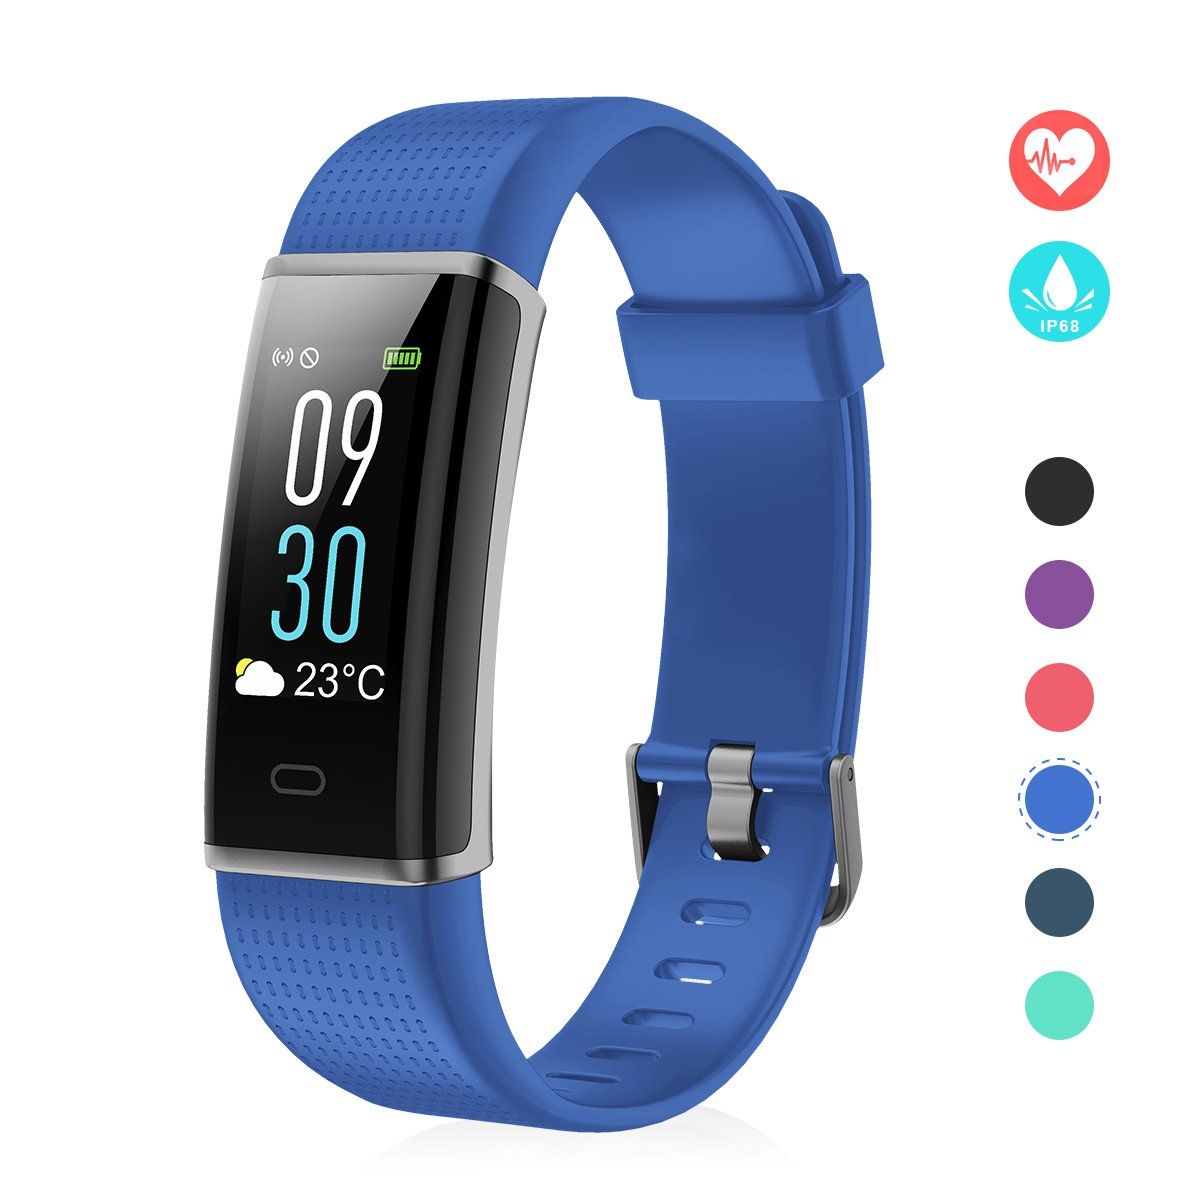 EFO SHM Fitness Tracker mit Pulsmesser, Schrittzä hler Uhr Fitness Armband Wasserdicht Schwimmen Aktivitä tstracker Schlafanalyse Kalorienzä hler Anruf/SMS Kompatibel mit iPhone und Android EFO-S 130C